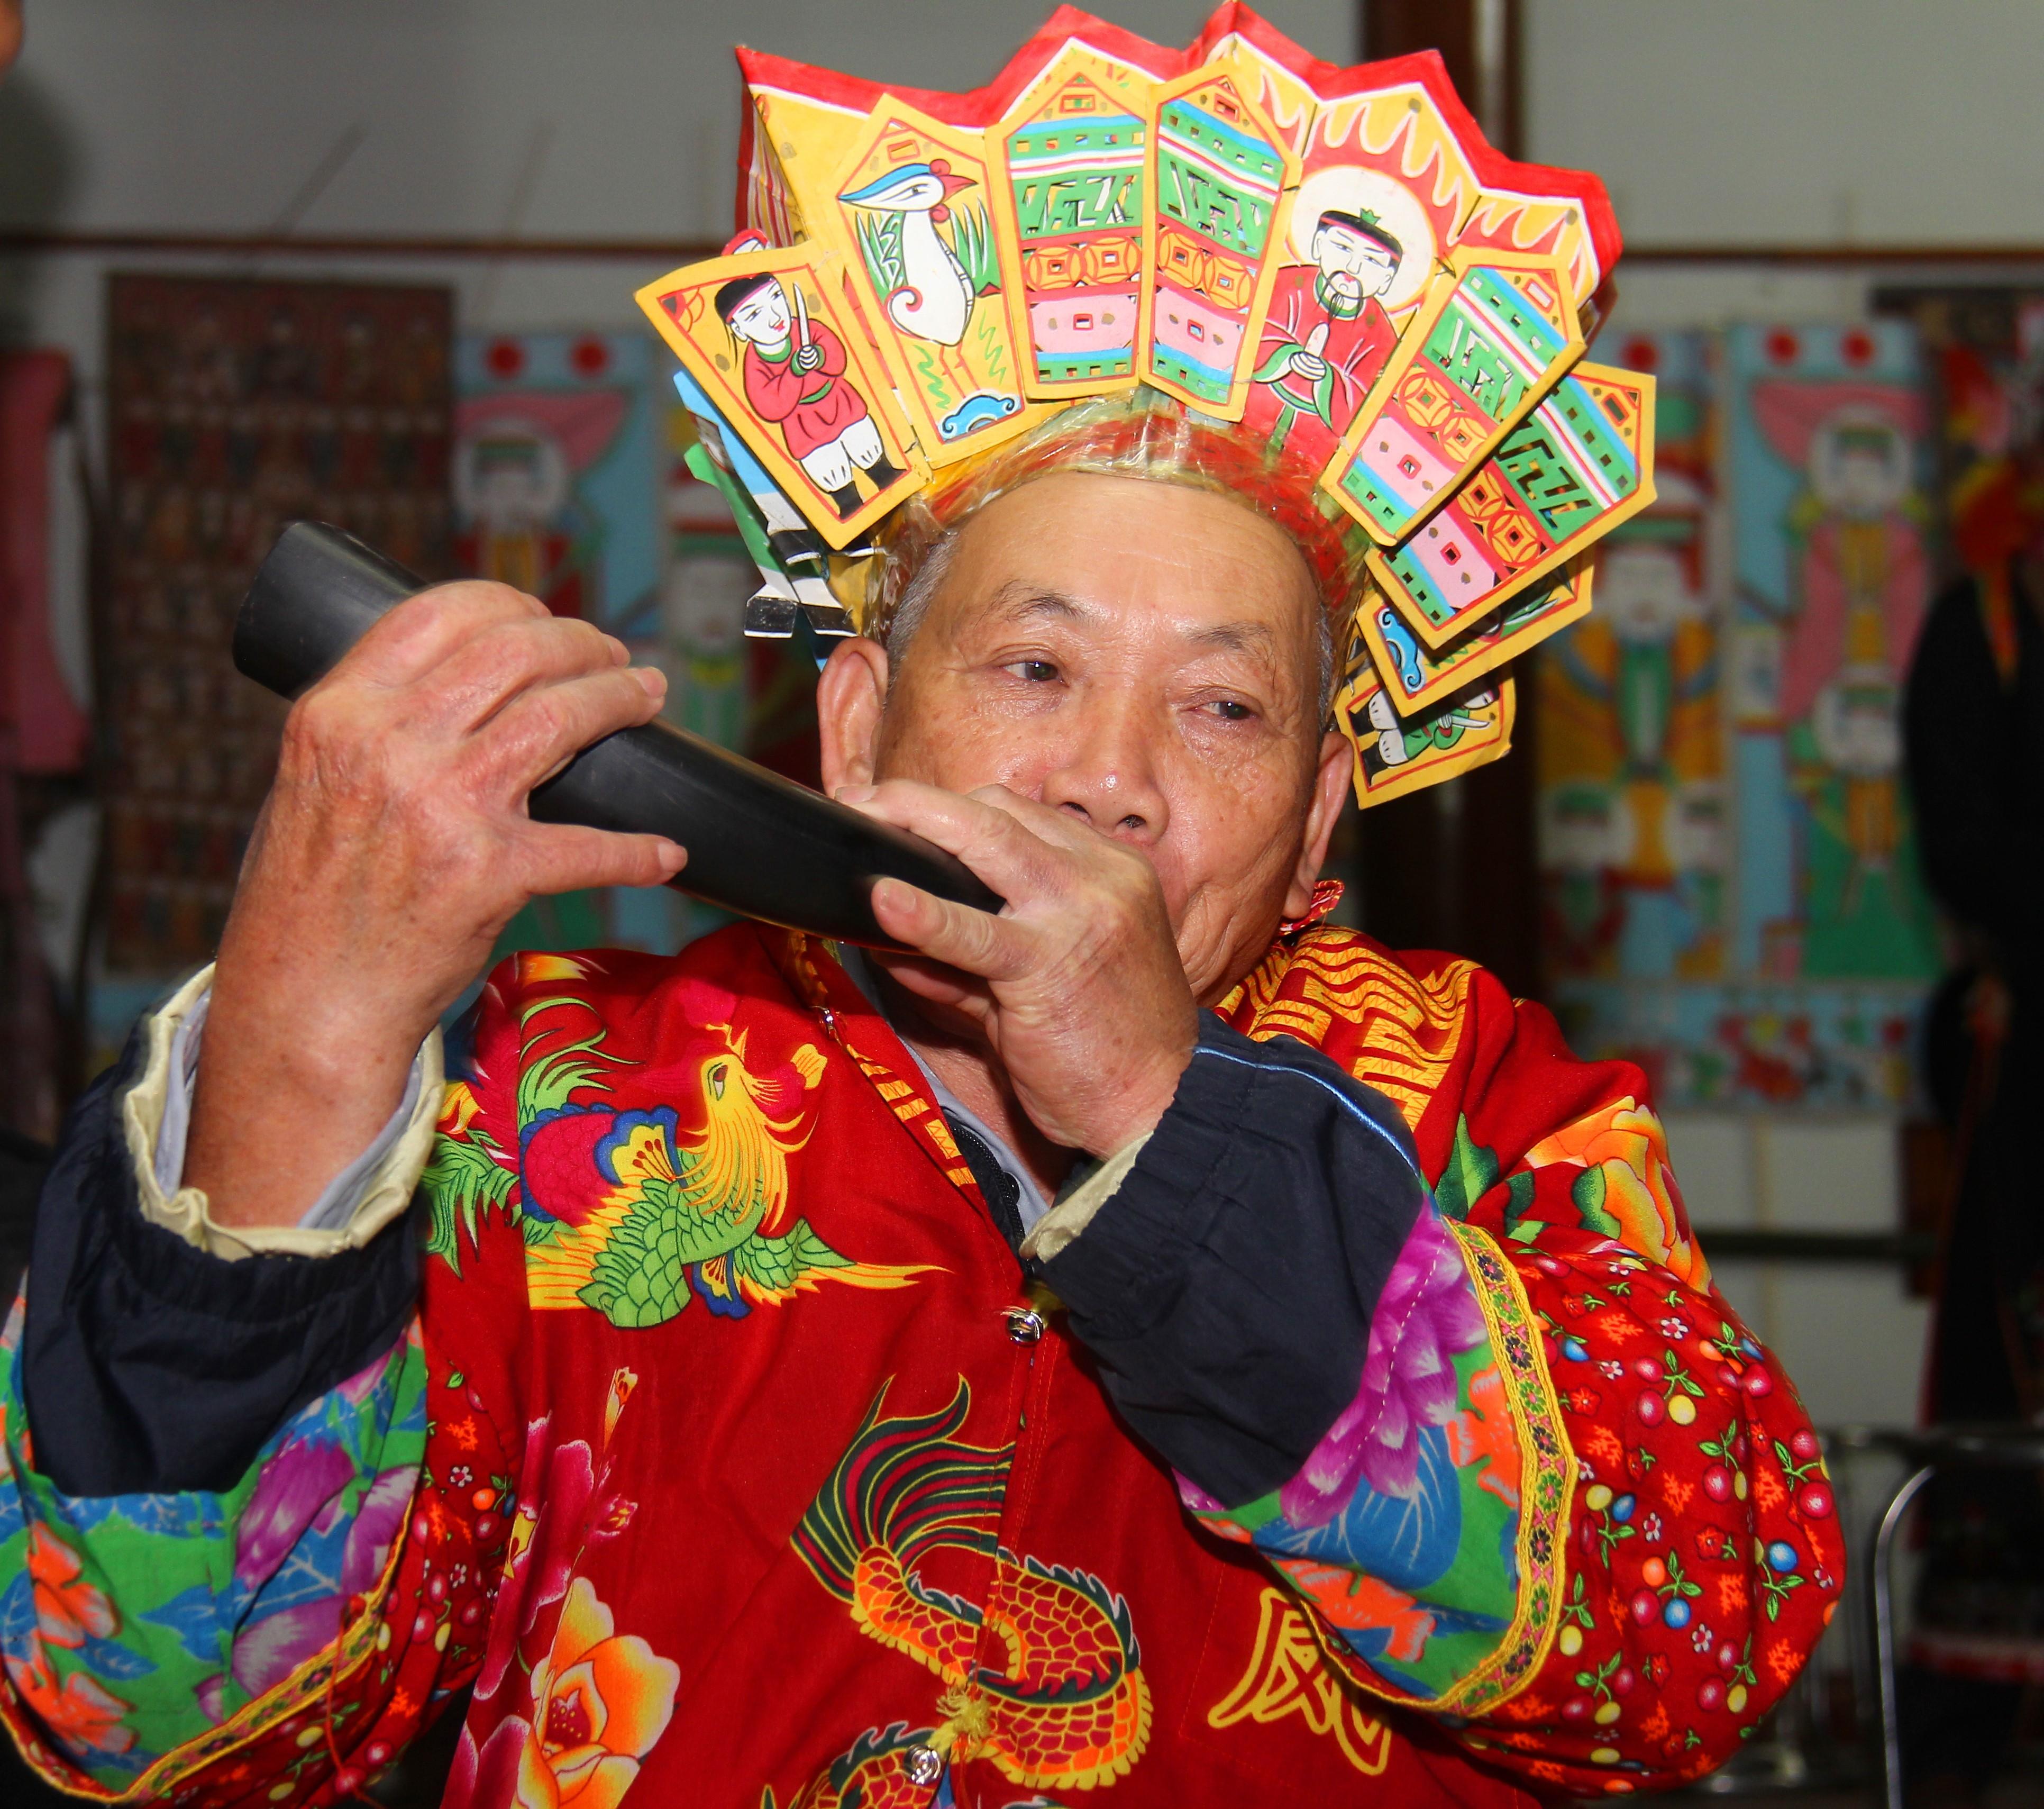 Ông Trịnh Văn Chung thổi tù và mời Ngọc Hoàng xuống dự lễ cúng